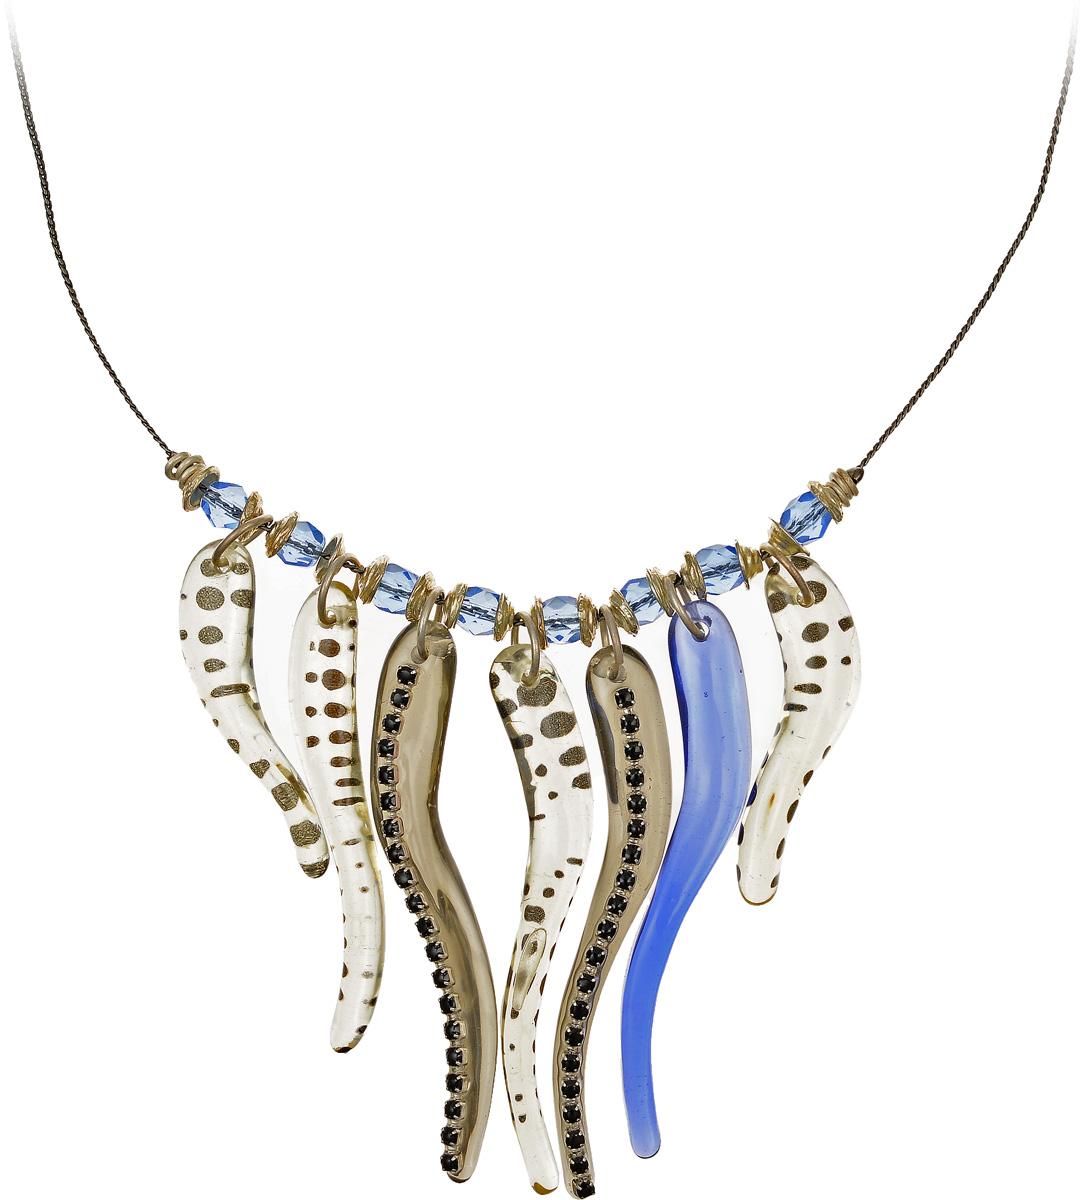 Кулон Lalo Treasures, цвет: серый, синий. P4503-2Брошь-инталияЯркий дизайнерский кулон Lalo Treasures станет отличным дополнением к вашему стилю. Кулон изготовлен из качественной ювелирной смолы и металлического сплава. Декоративная часть кулона выполнена в виде композиции из брусков разной формы в сером и синем цвете, украшенных вставками со стразами.Кулон застегивается на замок-карабин, а длина регулируется с помощью звеньев. Интересный дизайн кулона подчеркнет ваш образ и позволит вам быть оригинальной и изящной.